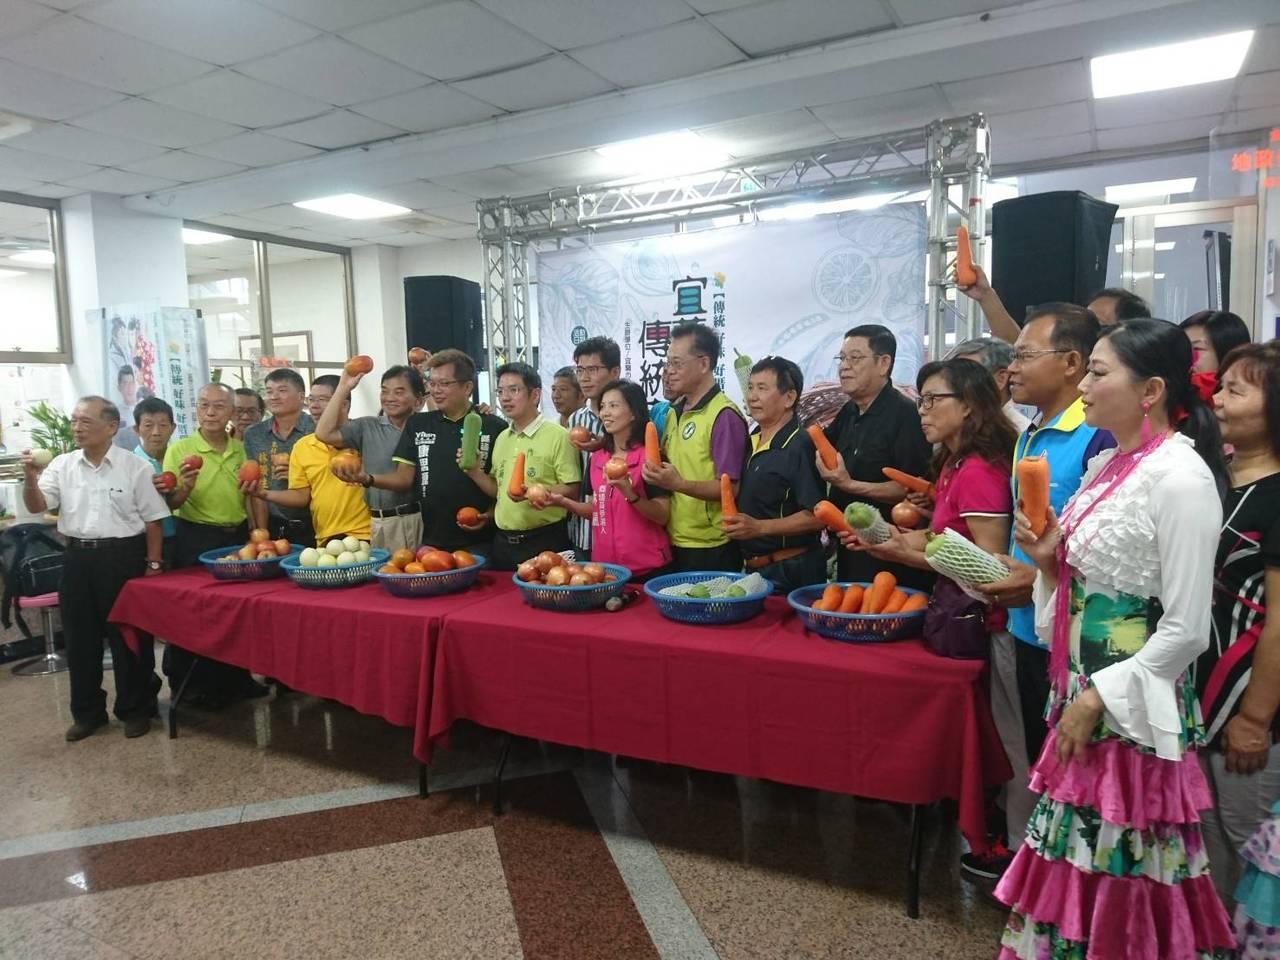 宜蘭市公所舉辦「2018宜蘭市傳統市場節」,推廣市場人文與產業。記者羅建旺/攝影